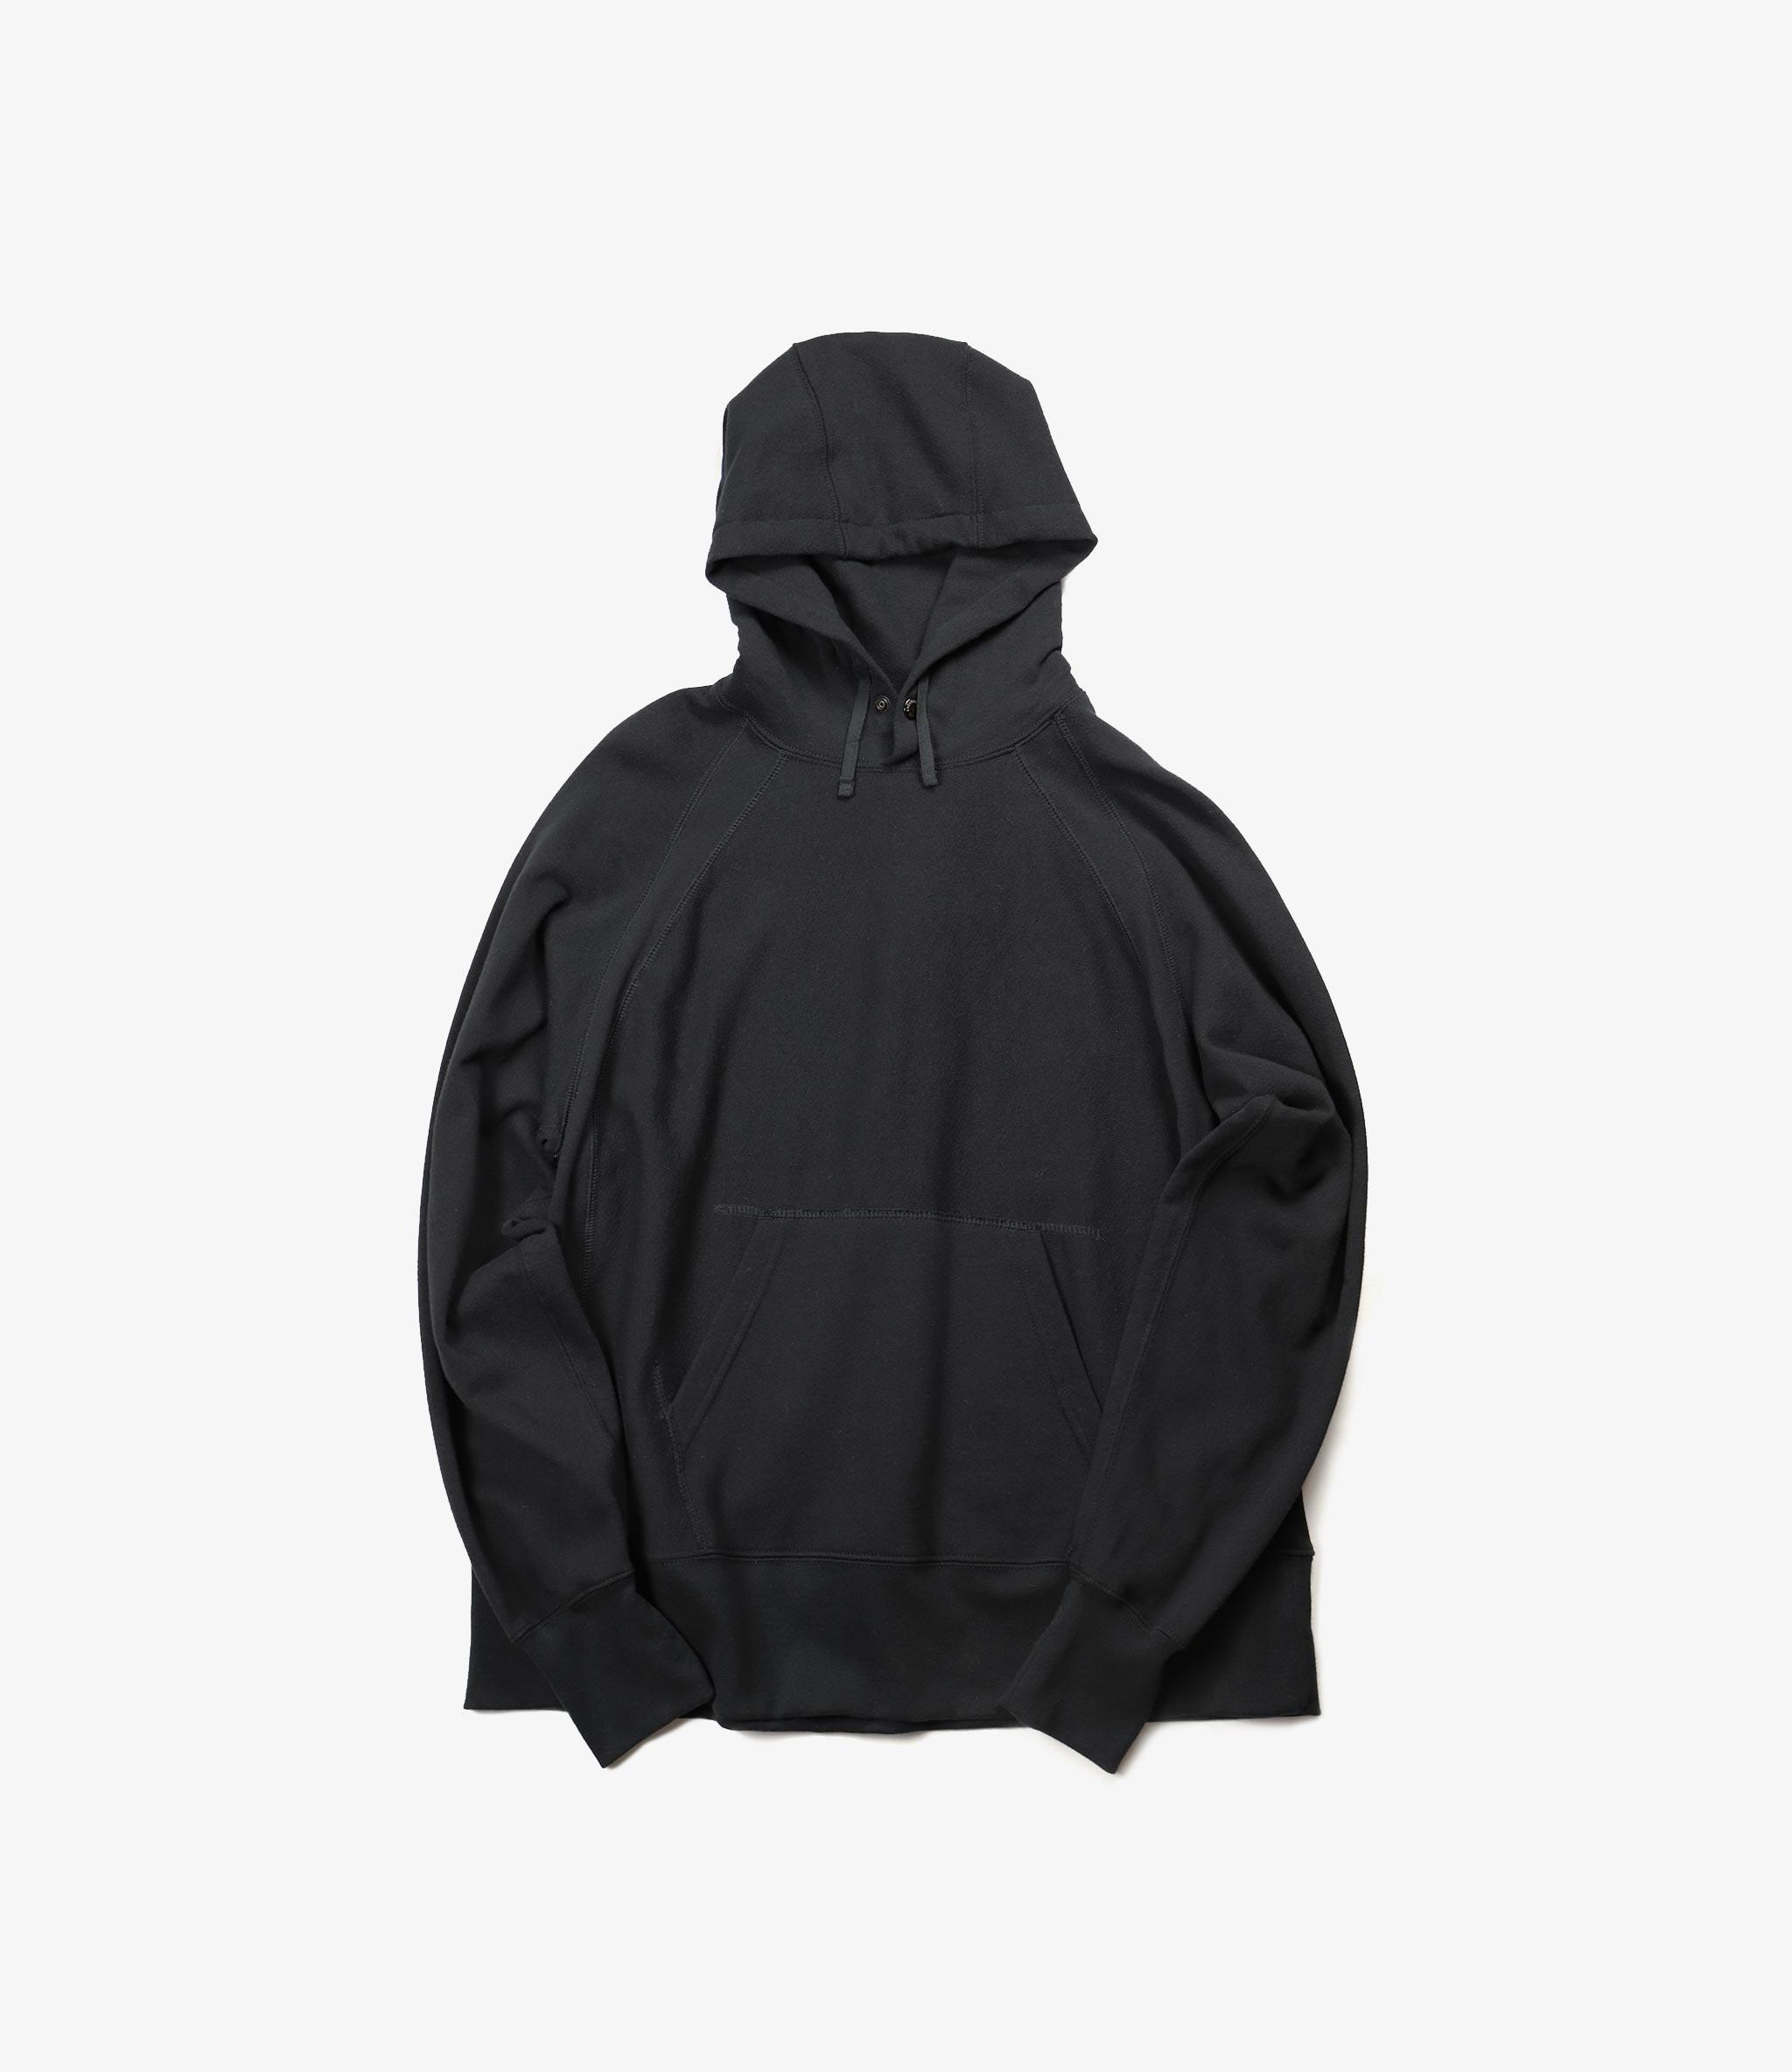 Engineered Garments Raglan Hoody - Black Cotton Fleece